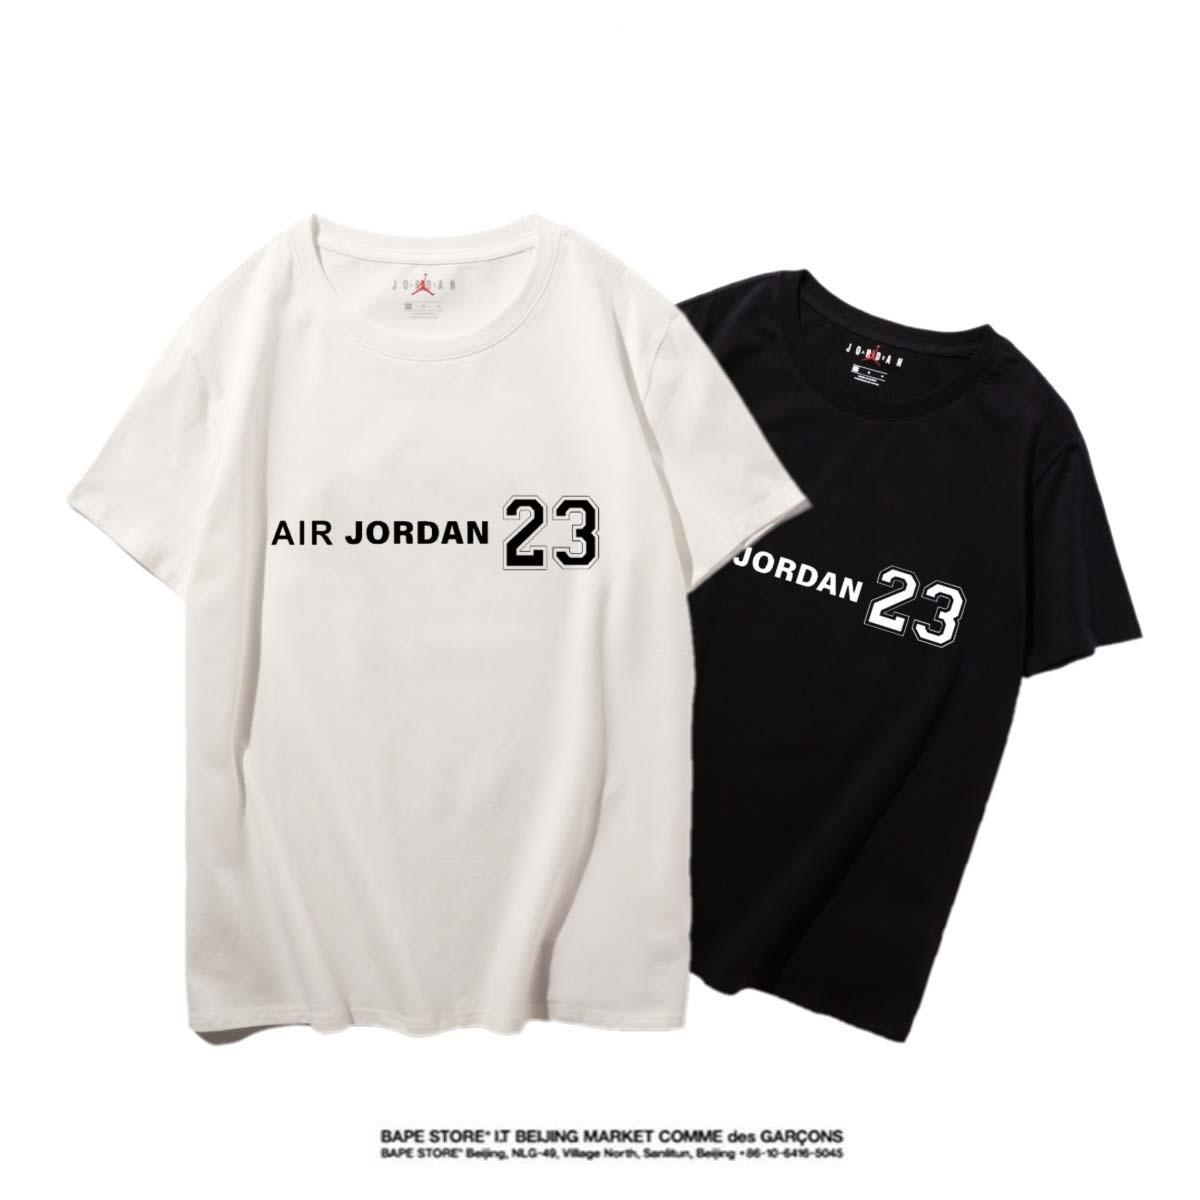 Jordan Hohe Qualität Neuer Brief Printing Short Sleeve Mode Aufmaß Cotton Hip Hop-Männer Frauen Paar Designer-T-Shirt S-XXL # 78782